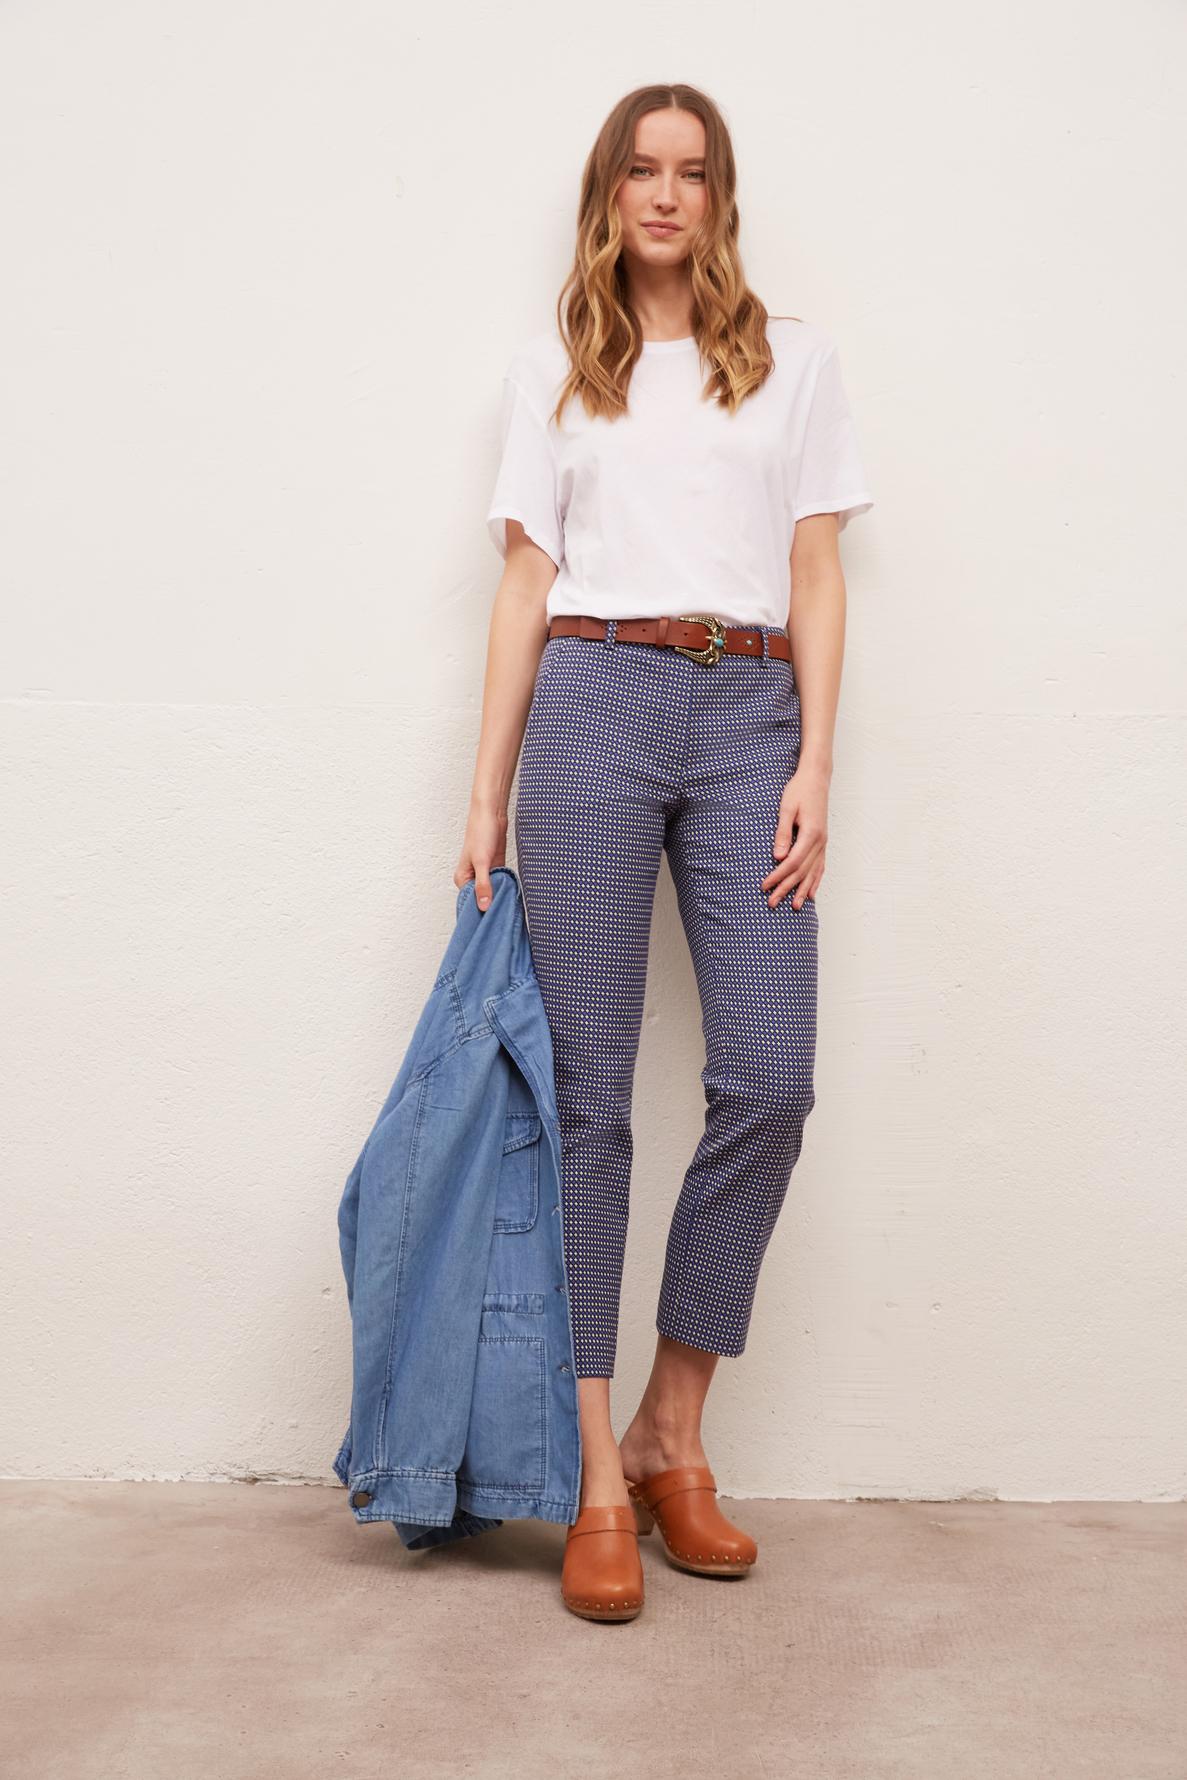 MELANIA - брюки длины 7/8 из жаккарда